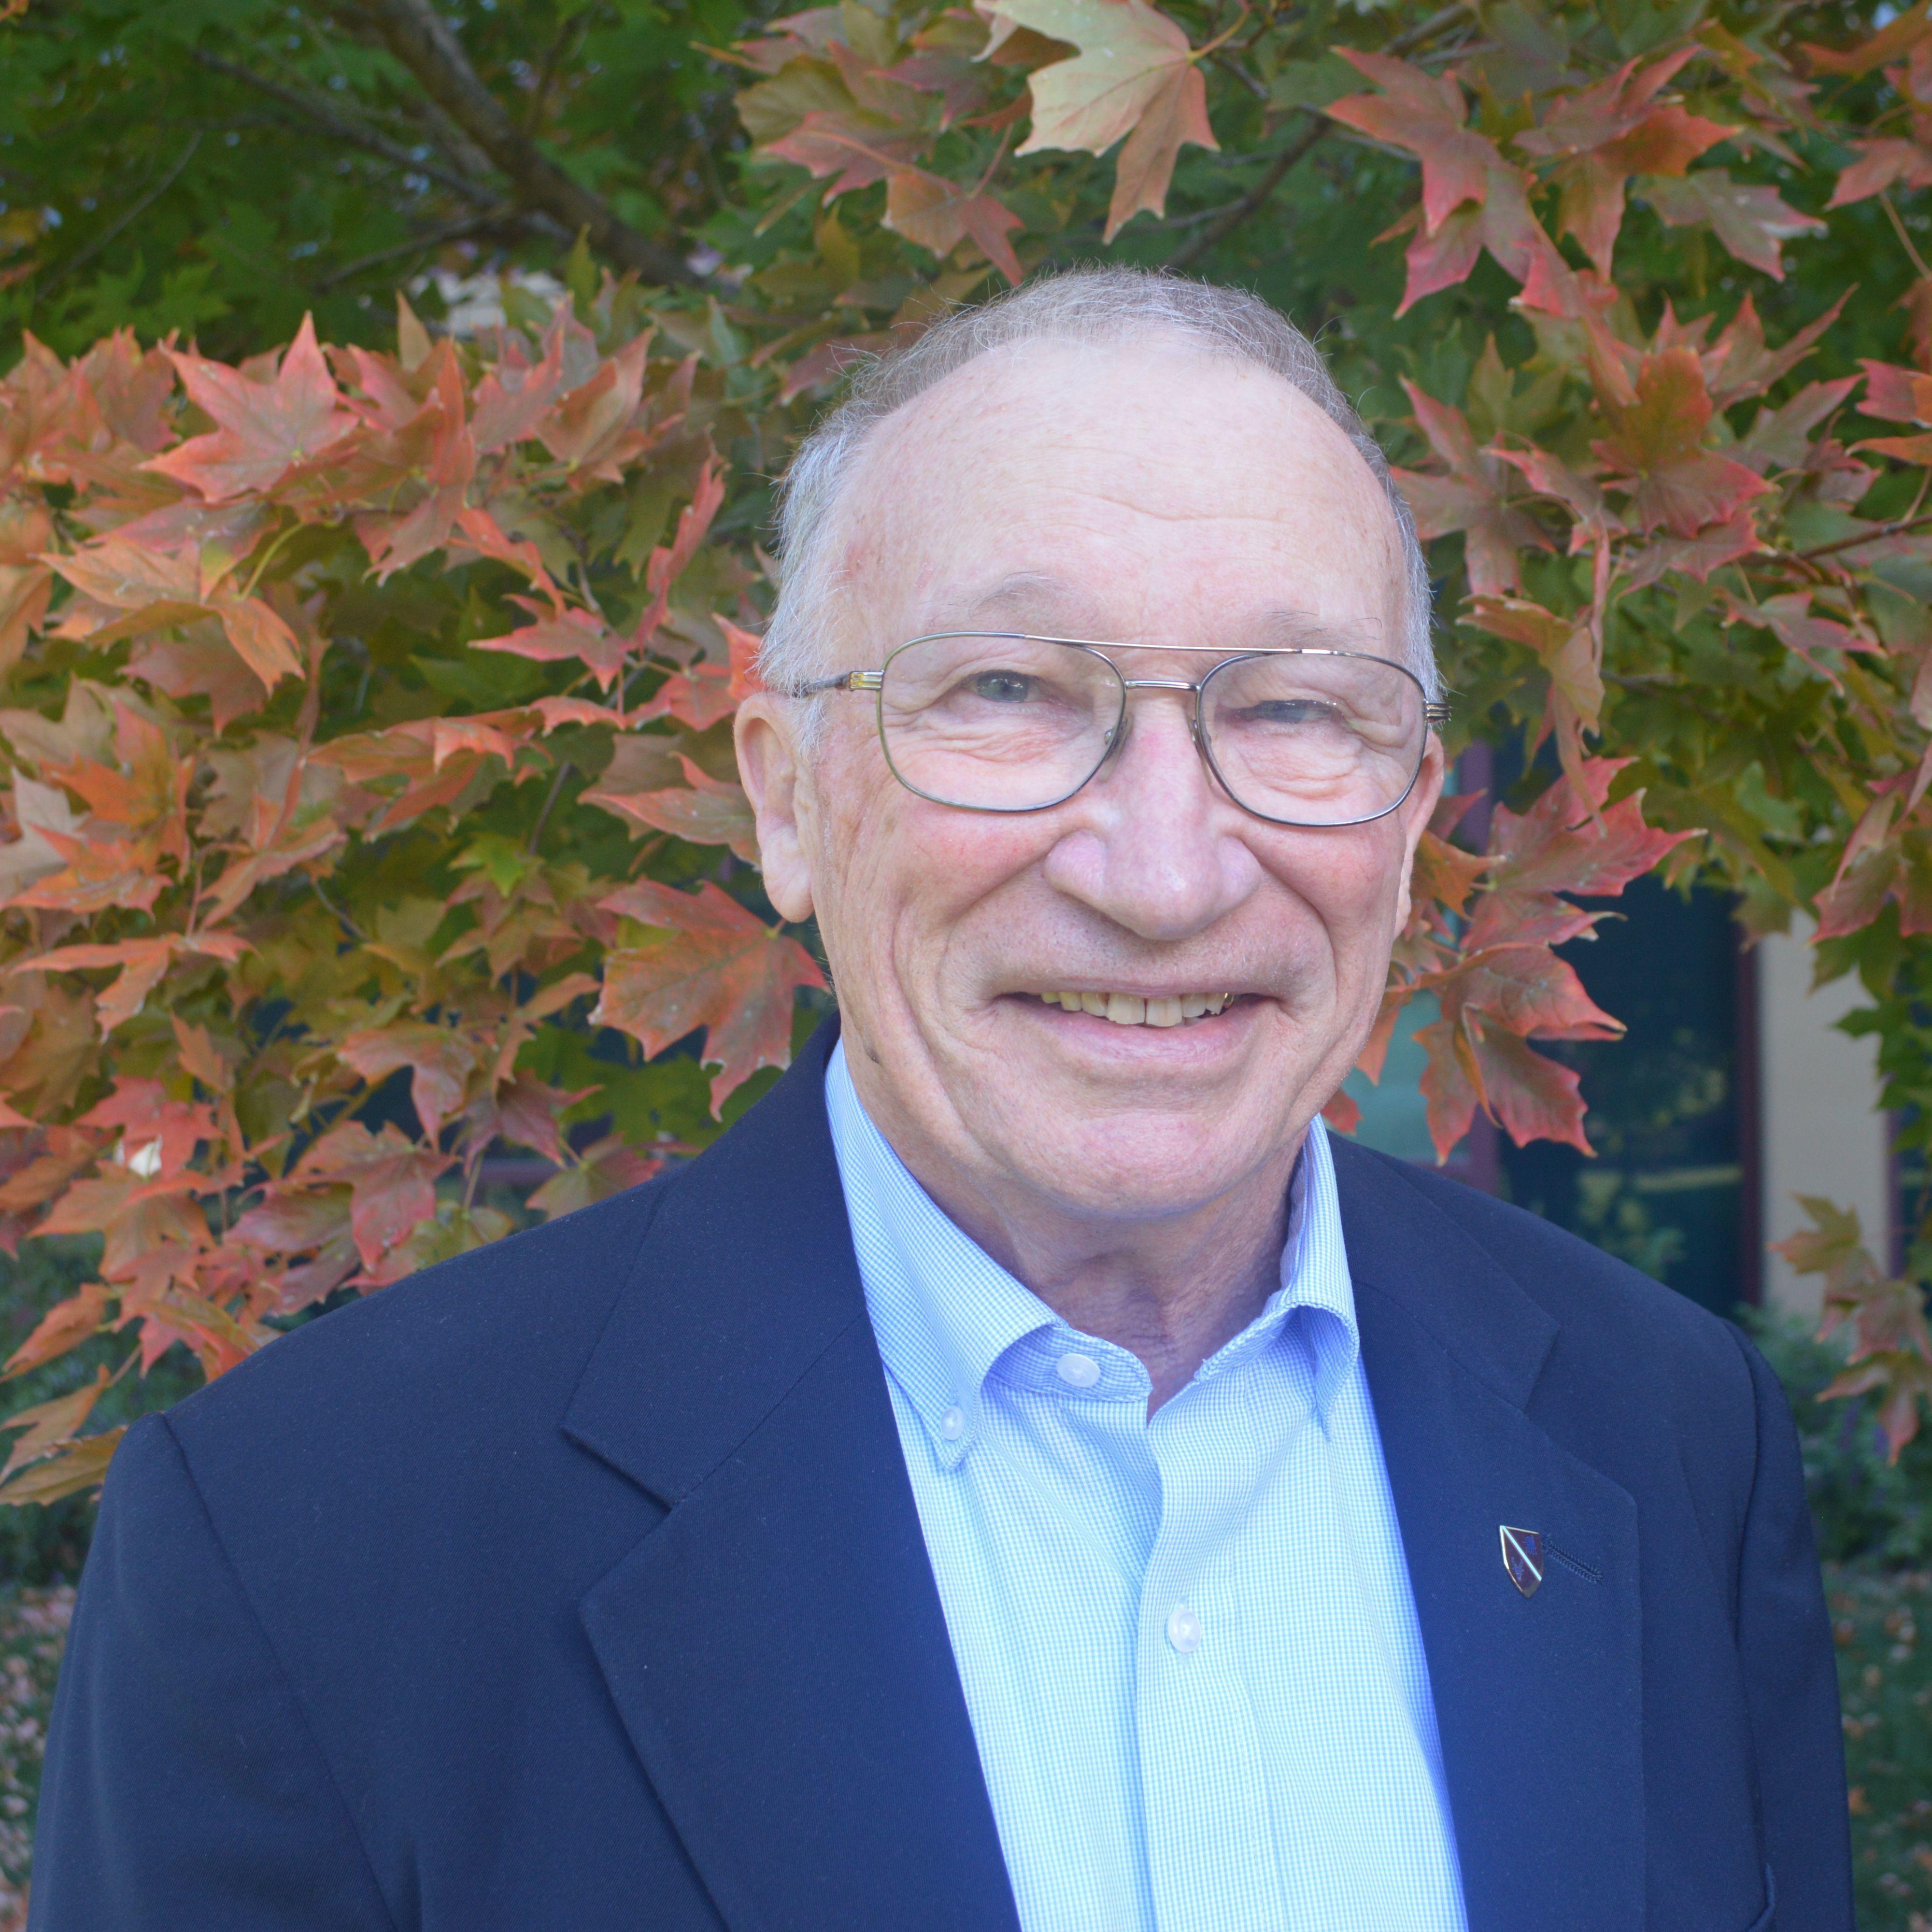 Robert Diffendal